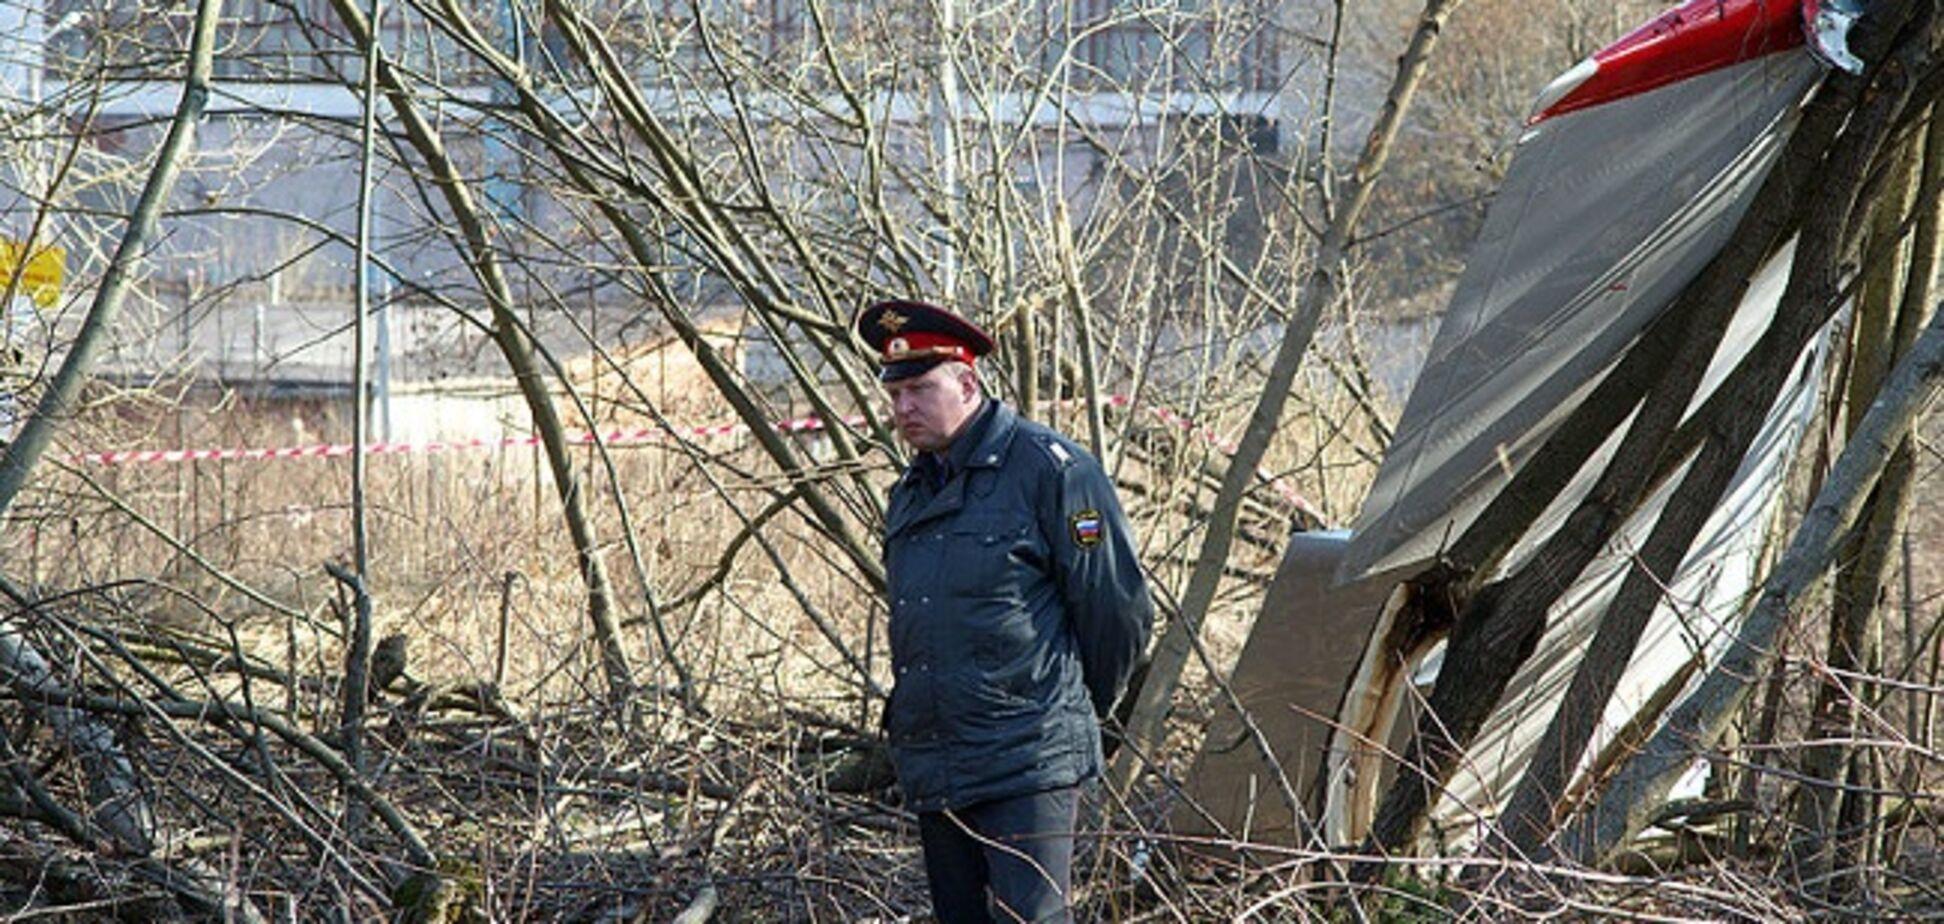 'Це не випадковість': в Польщі виступили з гучною заявою про Смоленську катастрофу